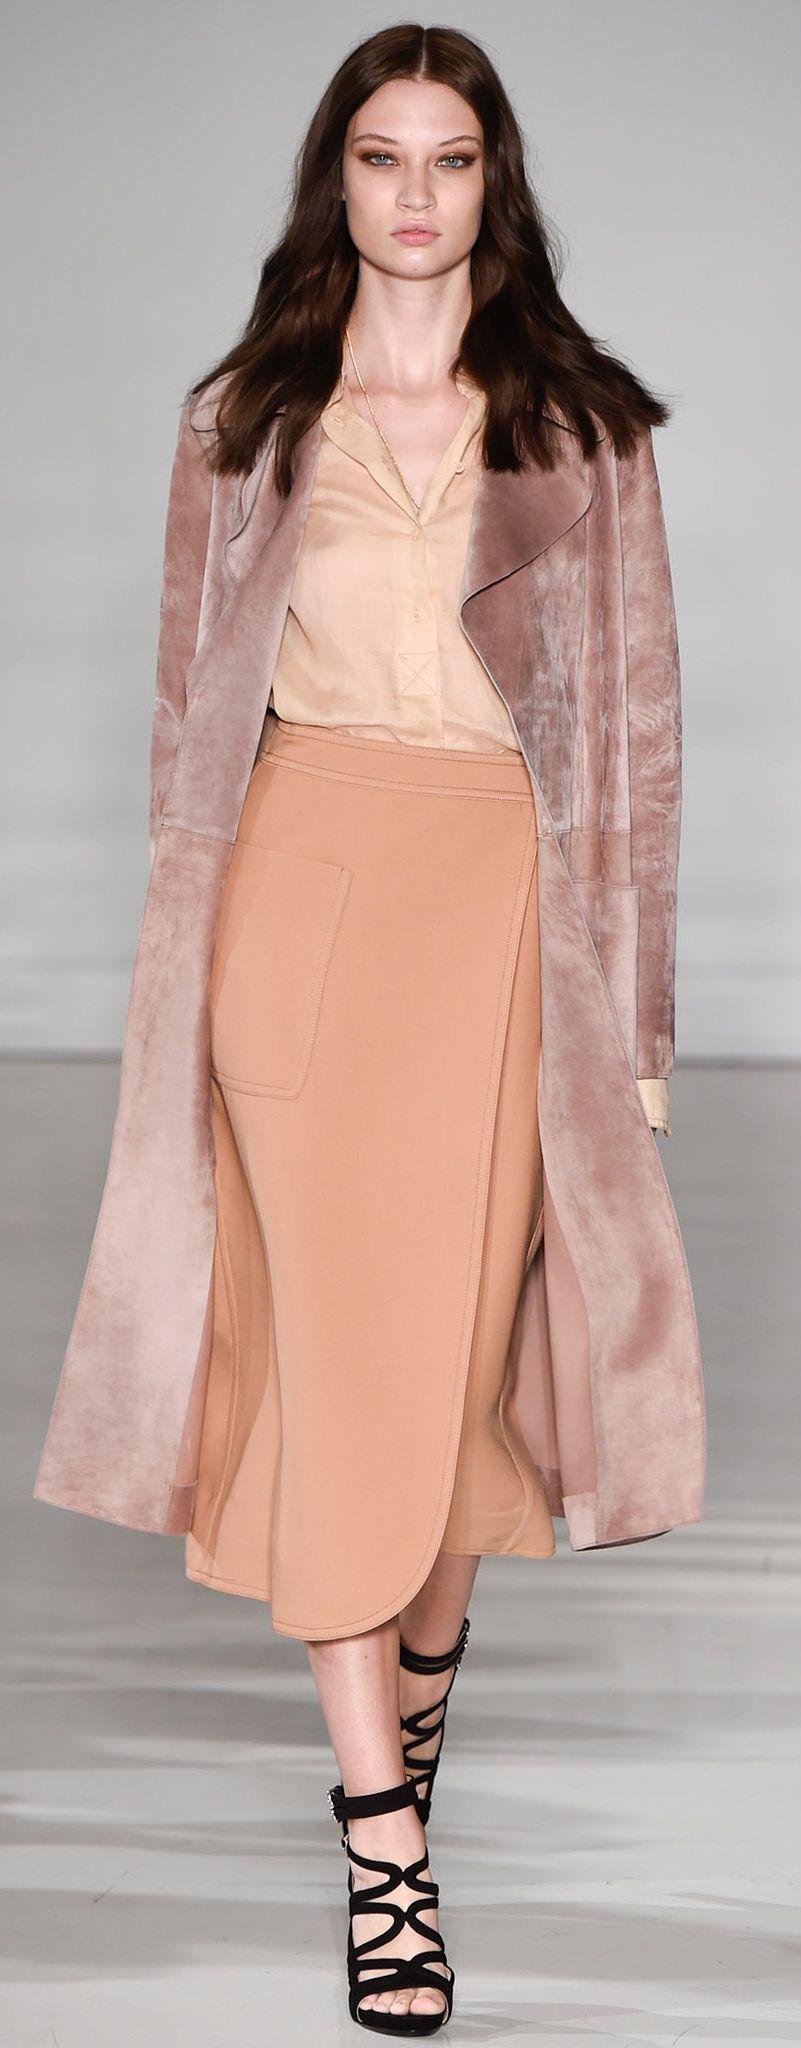 Spring 2015 Ready-to-Wear Jill Stuart